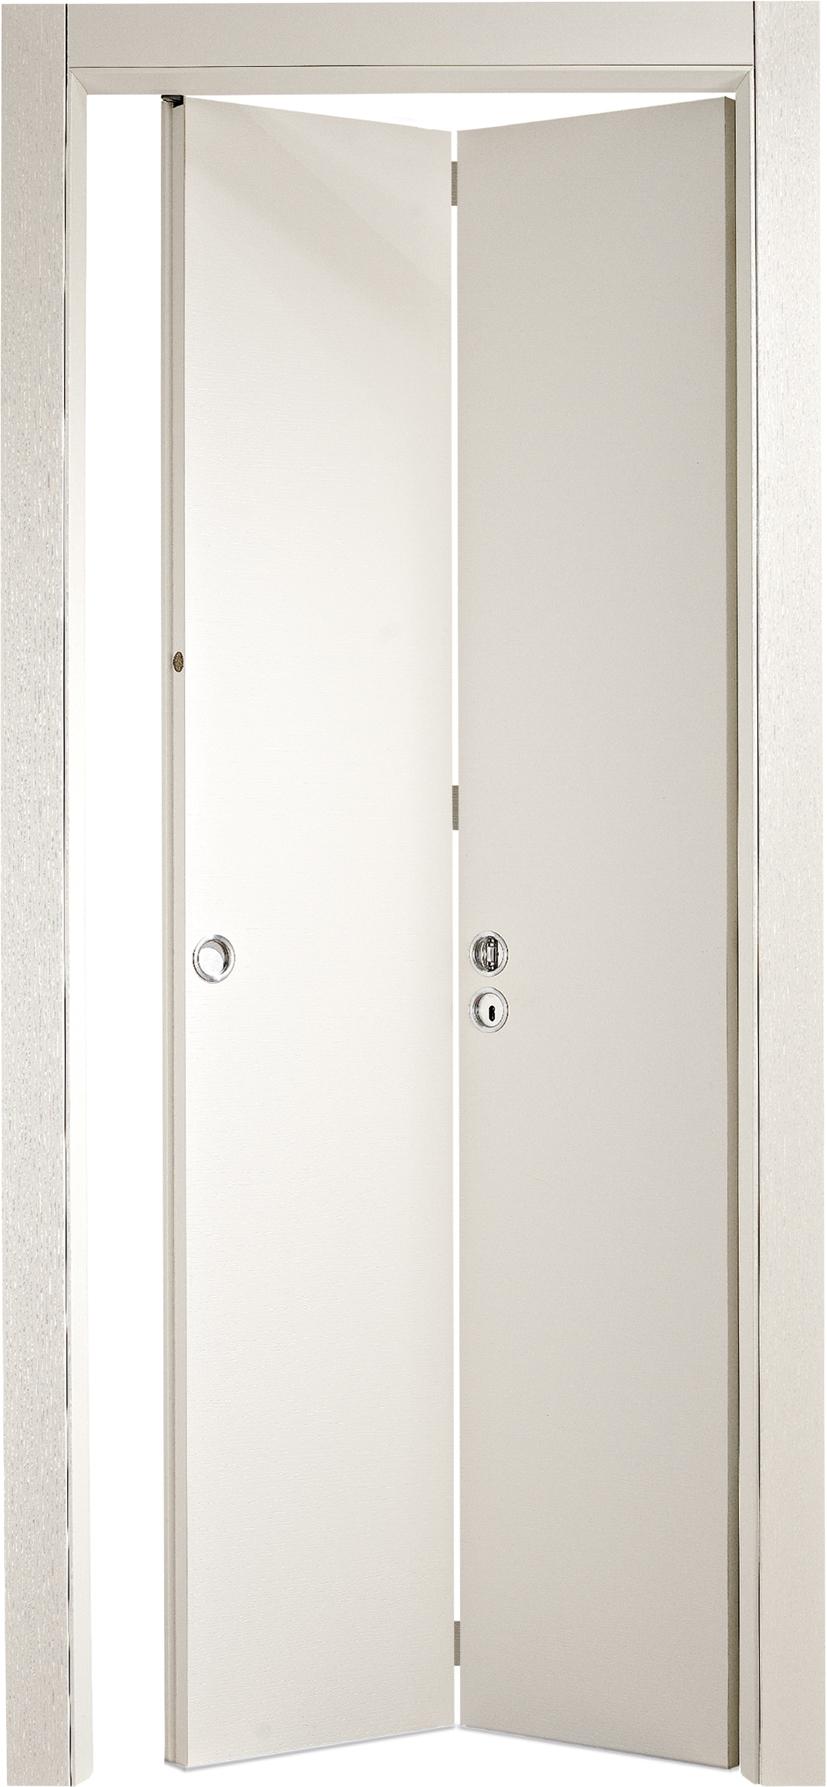 Porta bertolotto sydney 111 piego scontato del 75 porte a prezzi scontati - Porta a libro prezzo ...